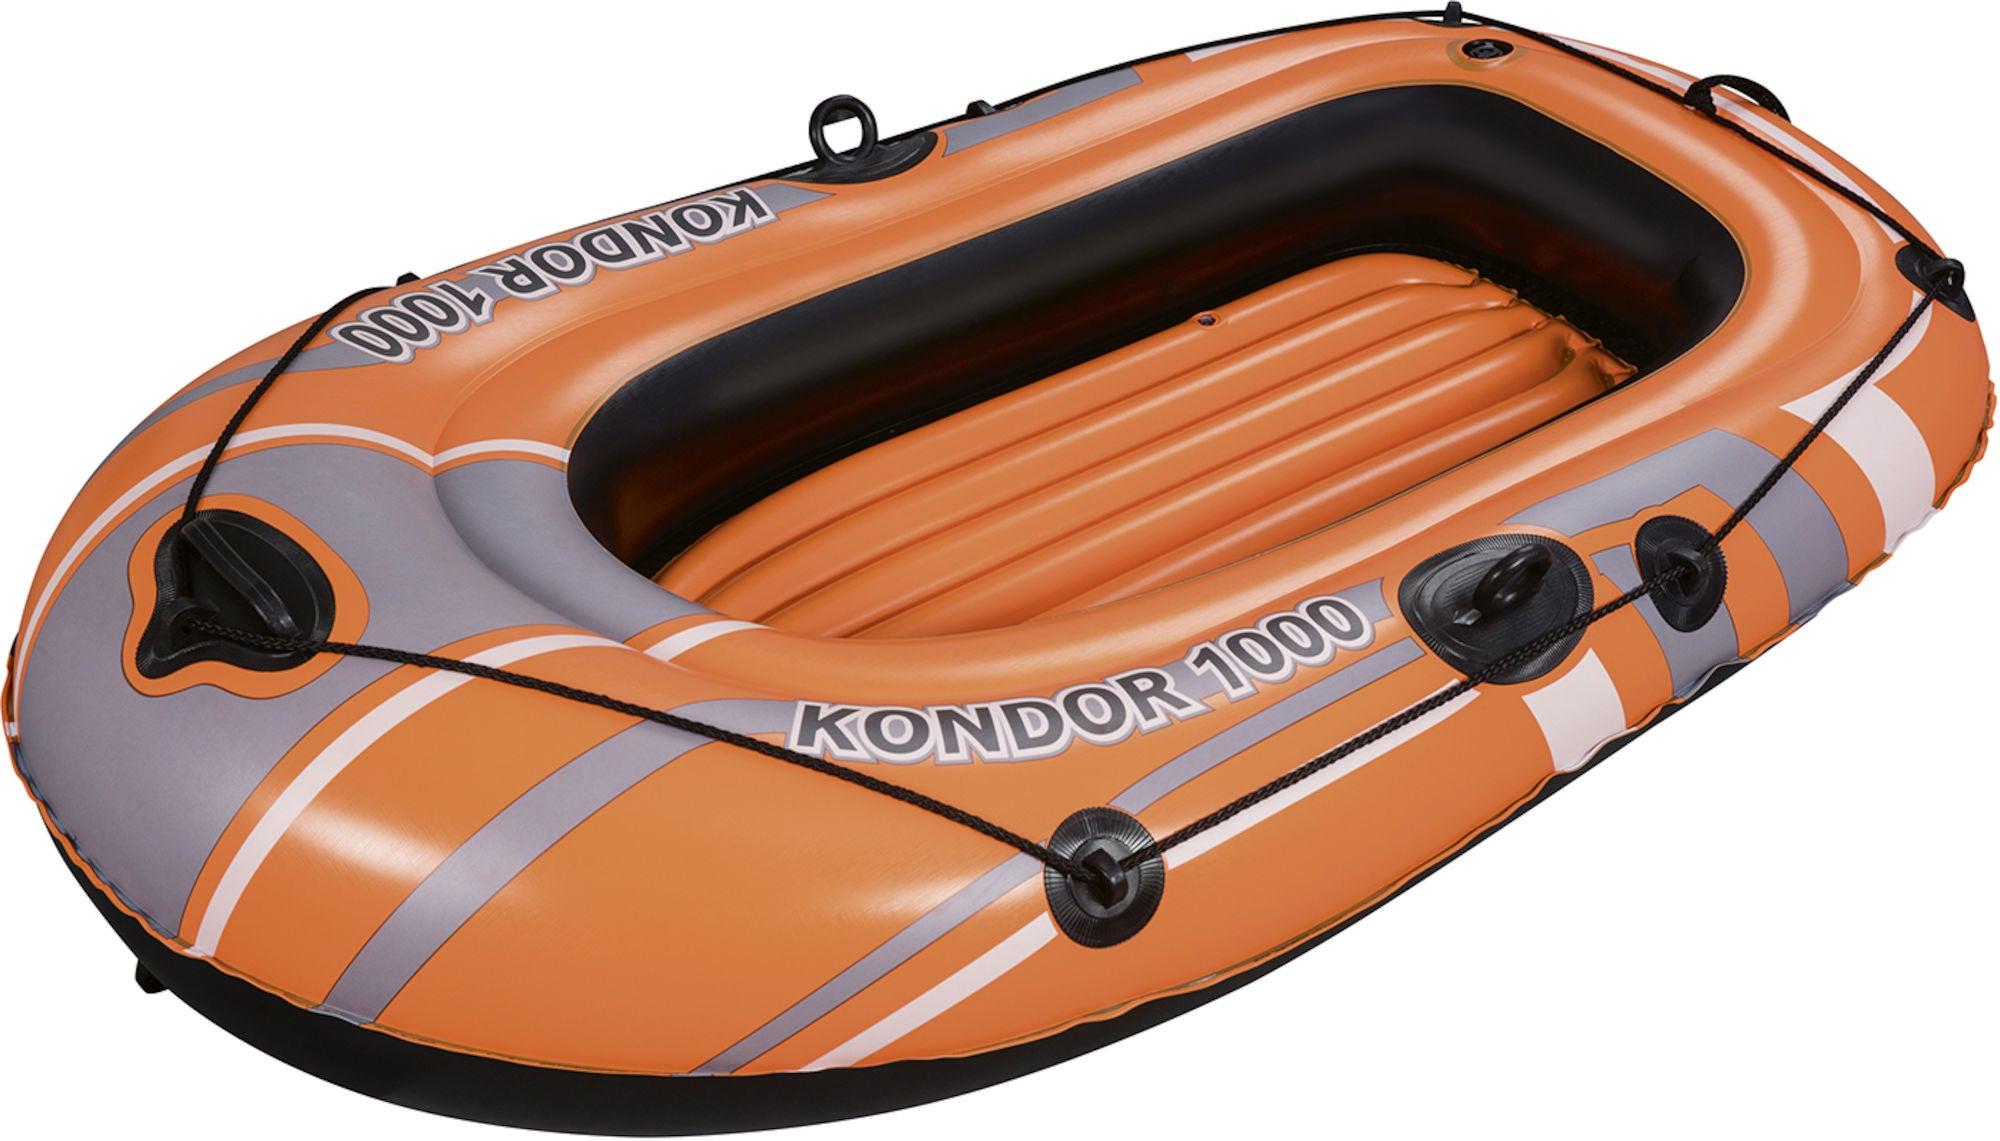 Bestway Oppblåsbar Båt Kondor 1000